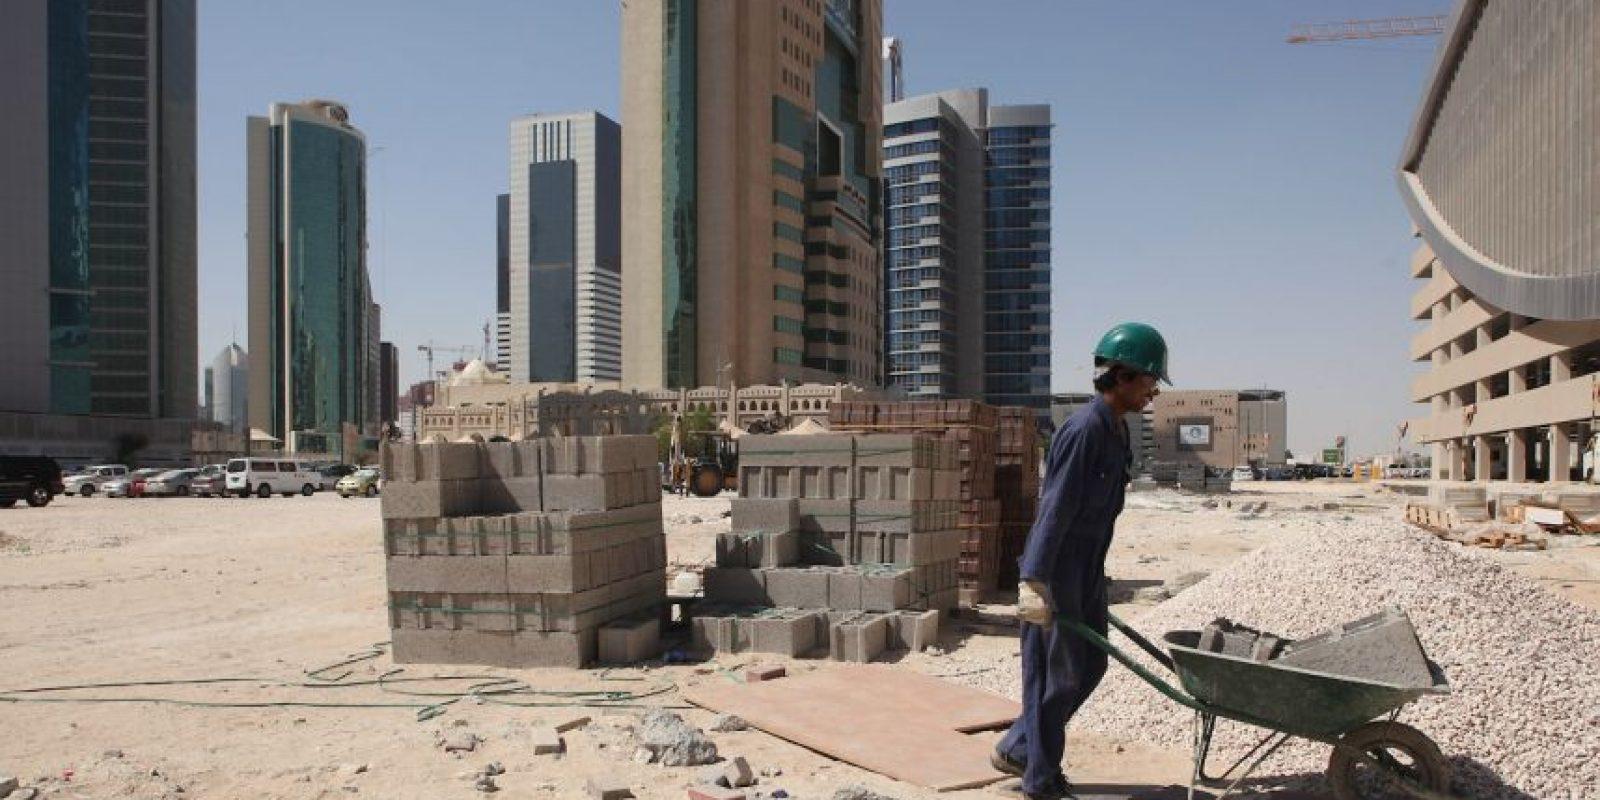 """Según el gobierno del país árabe, esto quedó atrás y los trabajadores gozan de mejores condiciones laborales, pero este 2015, la BBC viajó a realizar un reportaje y los obreros confesaron al medio británico que su situación es """"patética"""" y """"opresiva"""". Foto:Getty Images"""